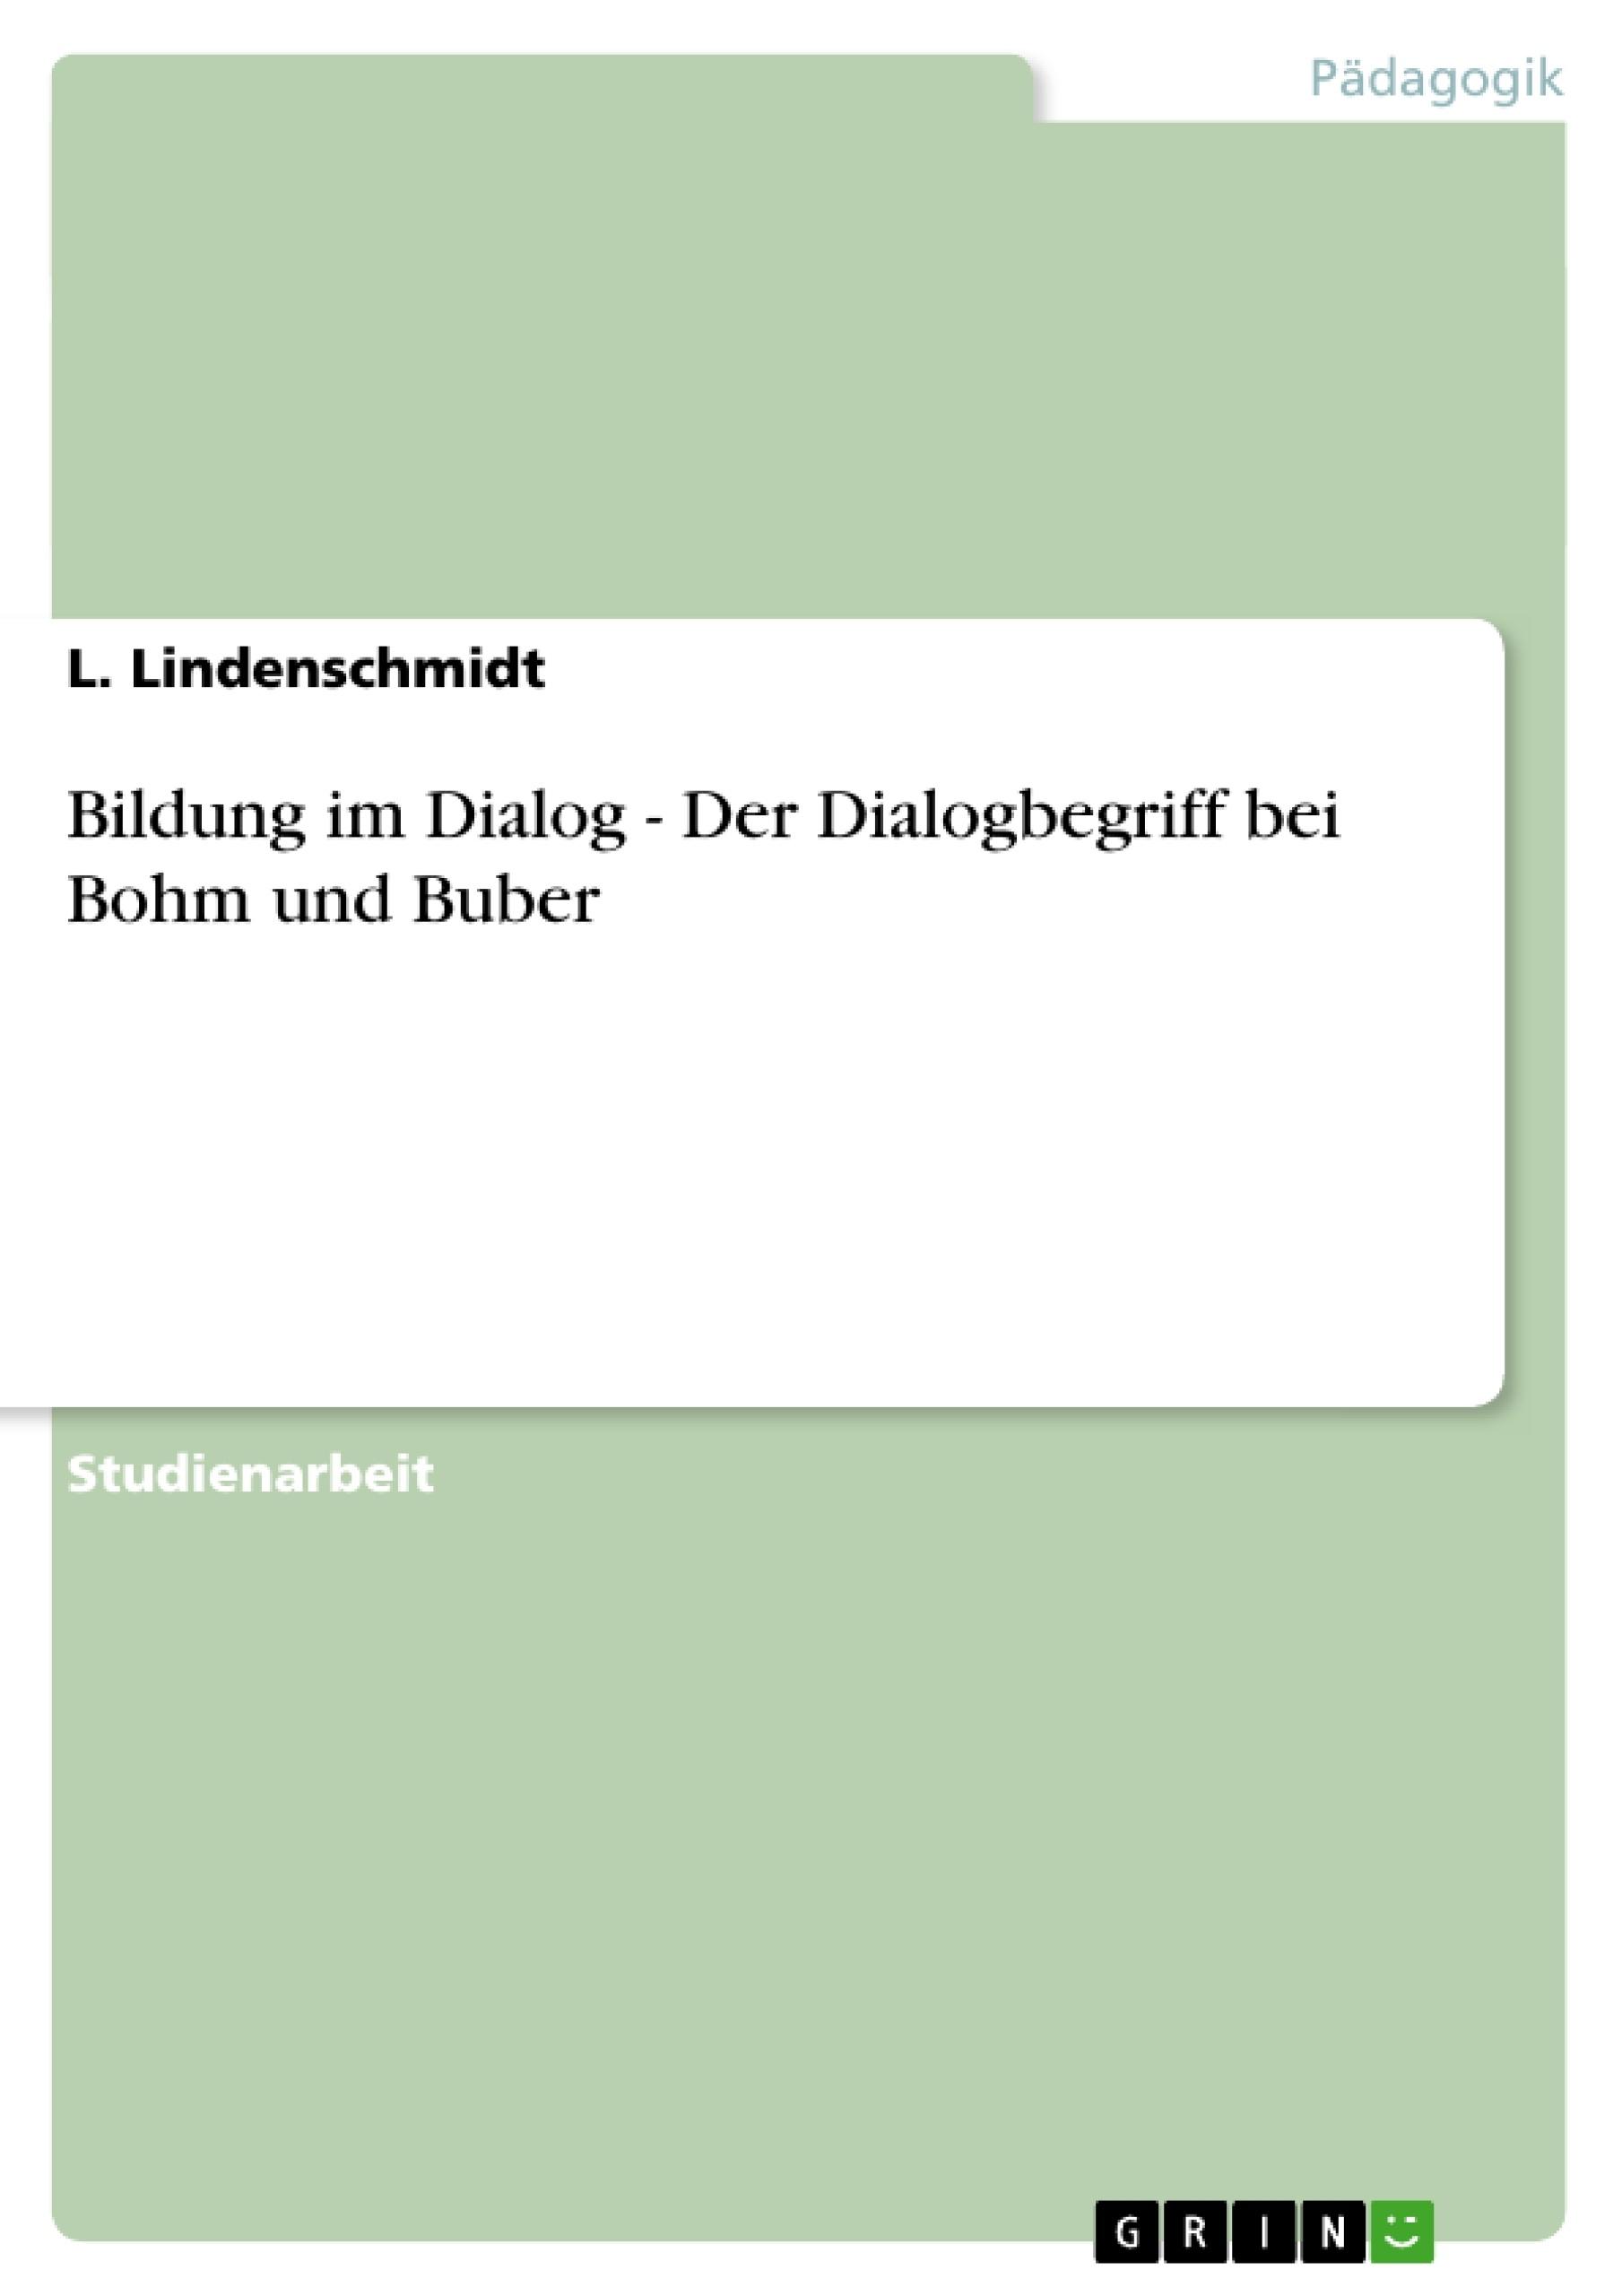 Titel: Bildung im Dialog - Der Dialogbegriff bei Bohm und Buber